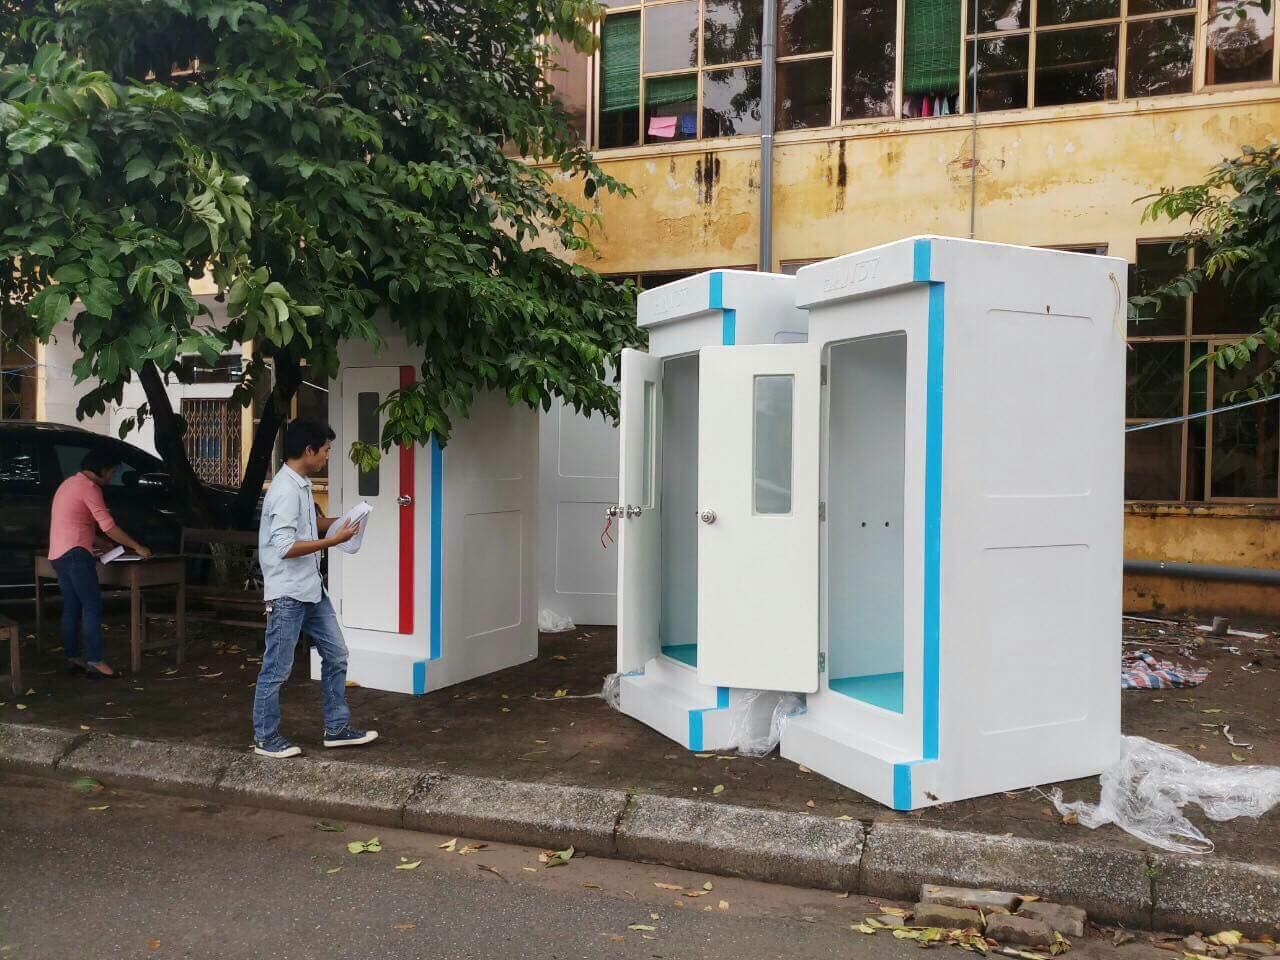 Nhà vệ sinh di động chuân 5 sao cho thuê tại Hà Nội